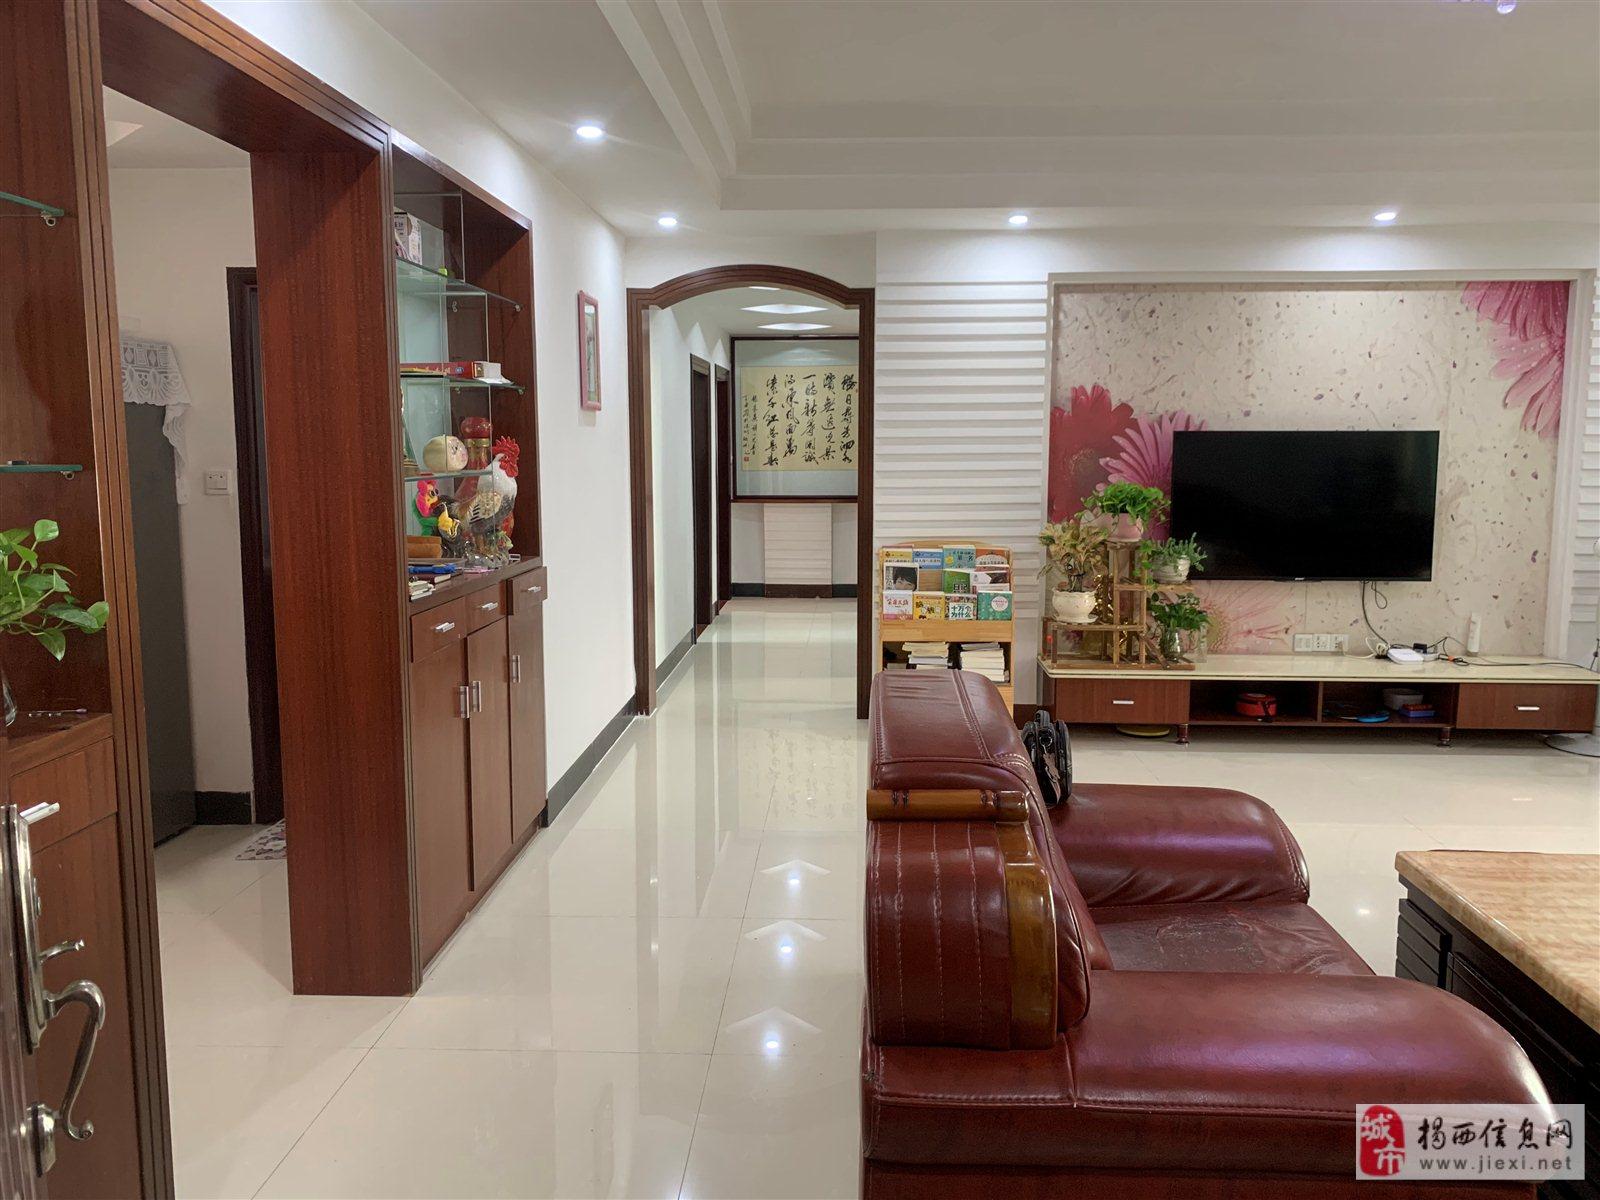 金凯苑4室 2厅 2卫98万元